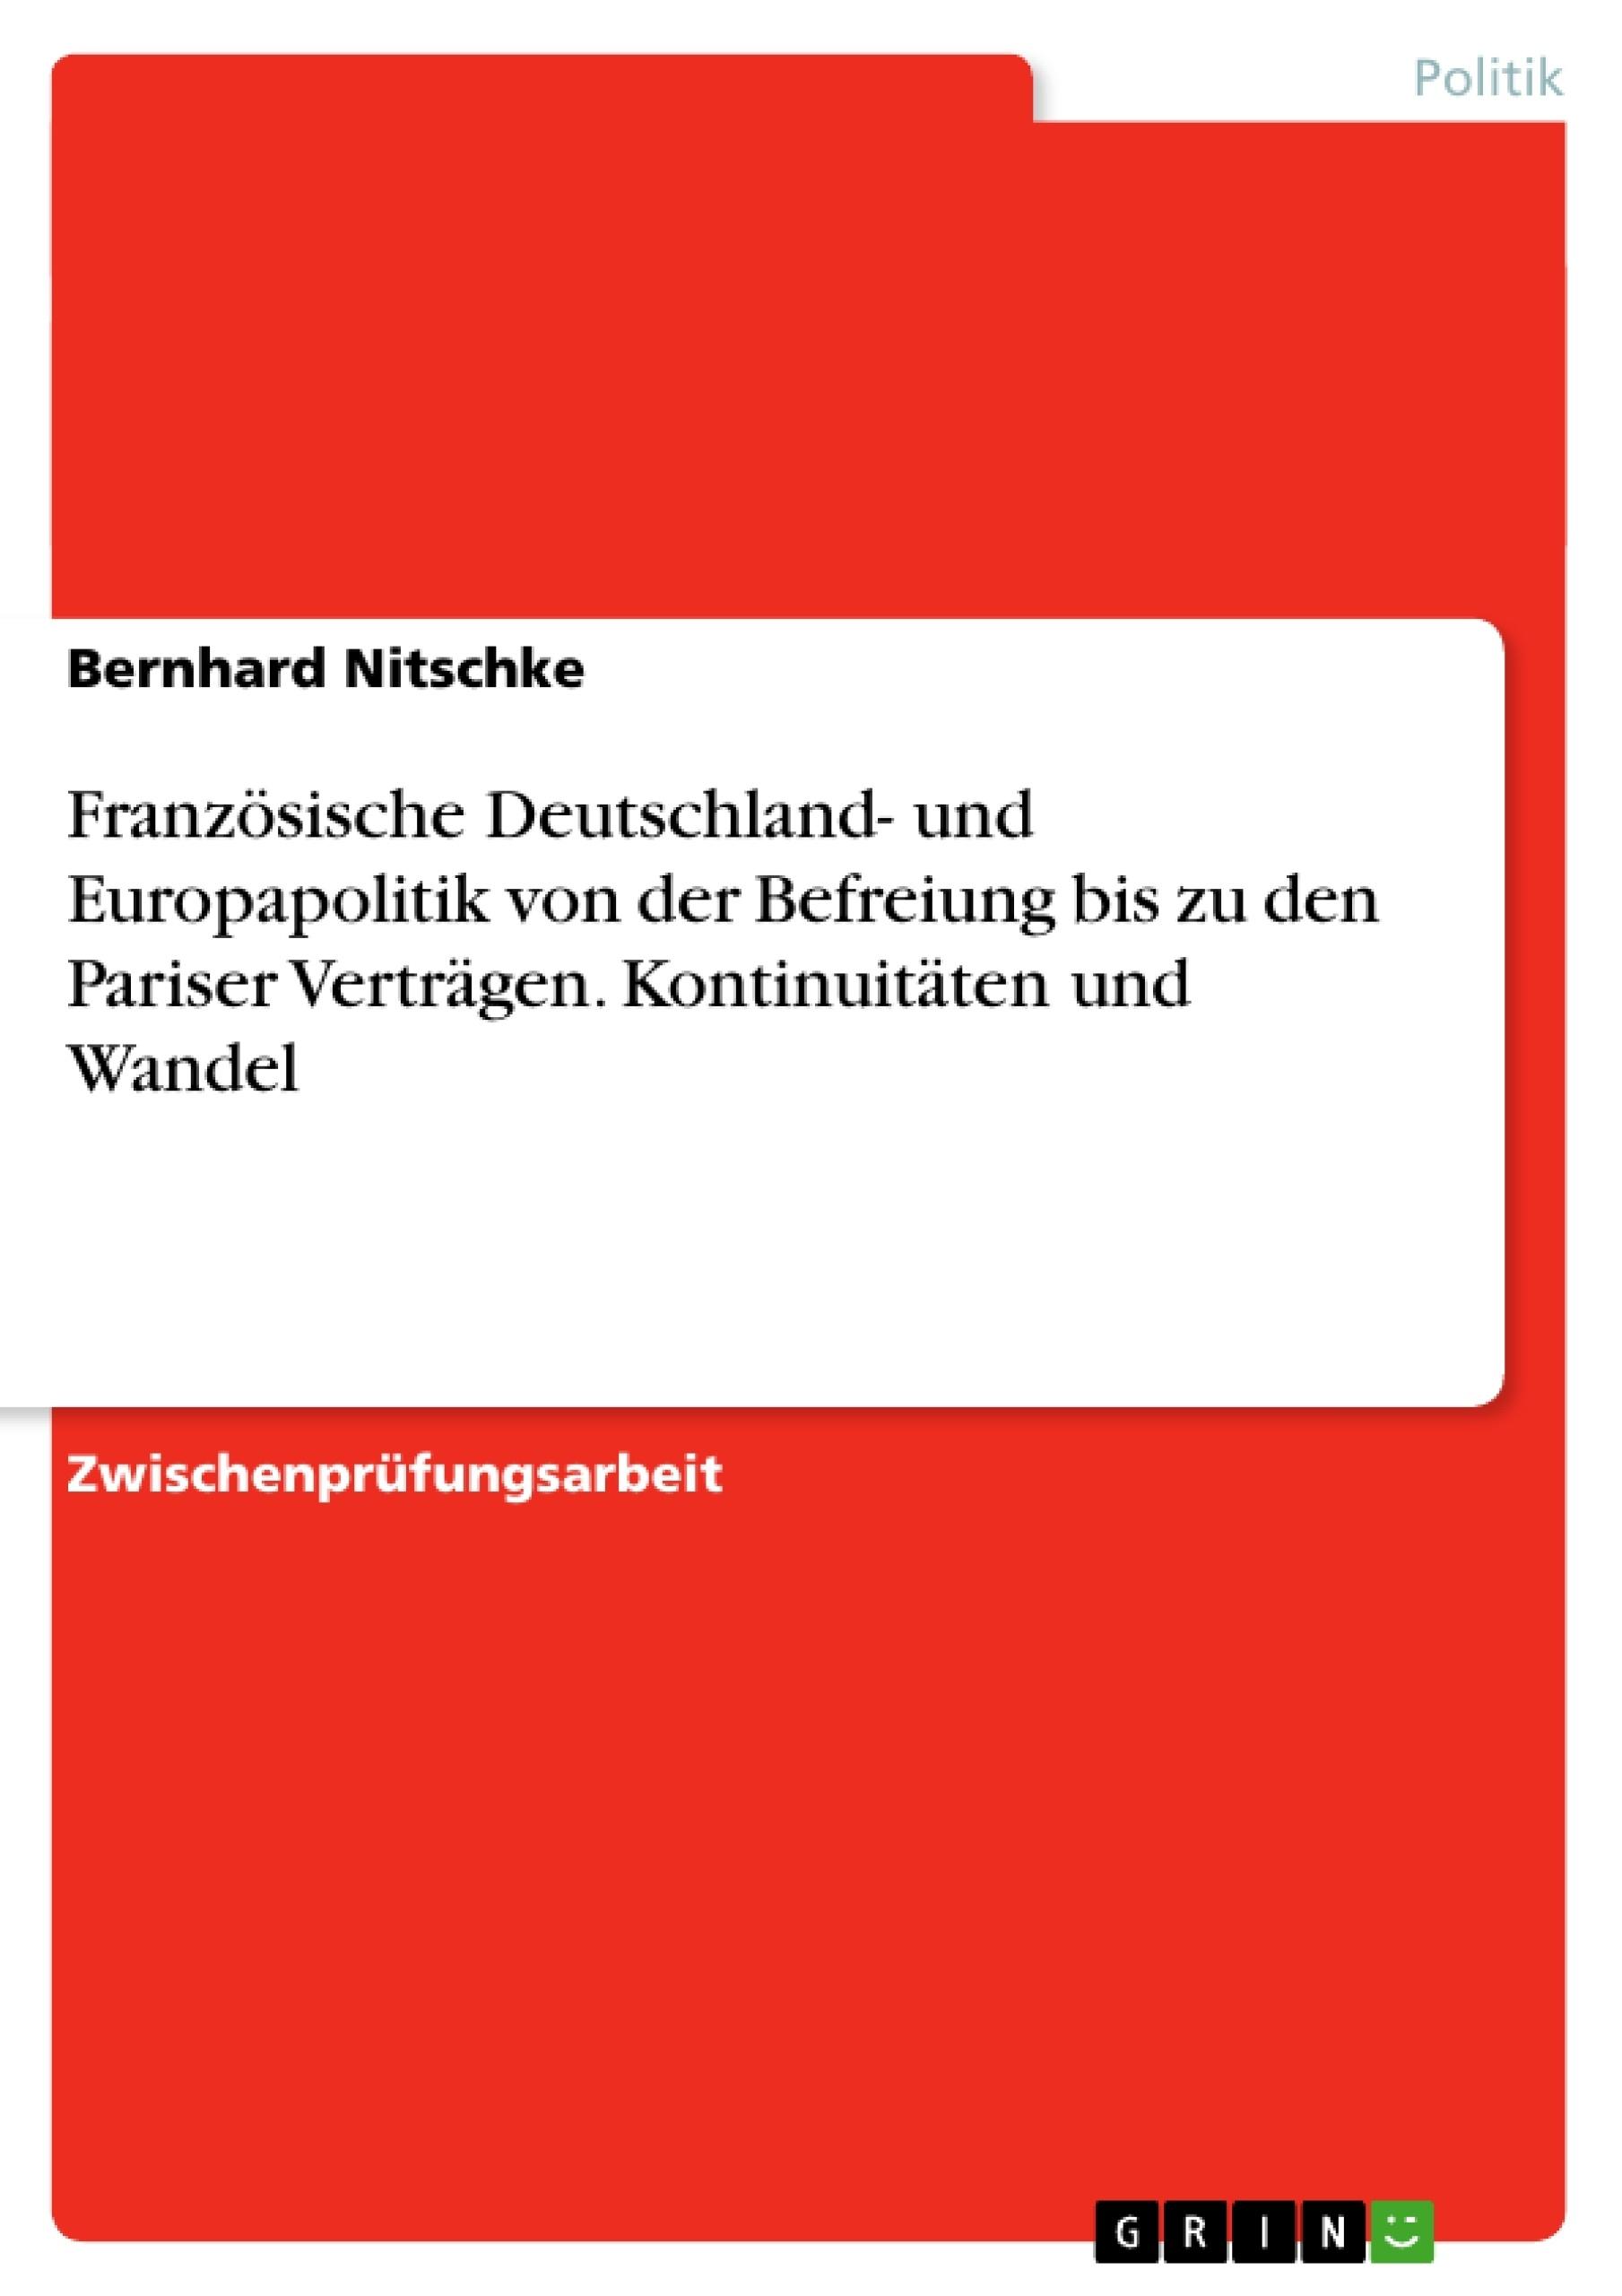 Titel: Französische Deutschland- und Europapolitik von der Befreiung bis zu den Pariser Verträgen. Kontinuitäten und Wandel